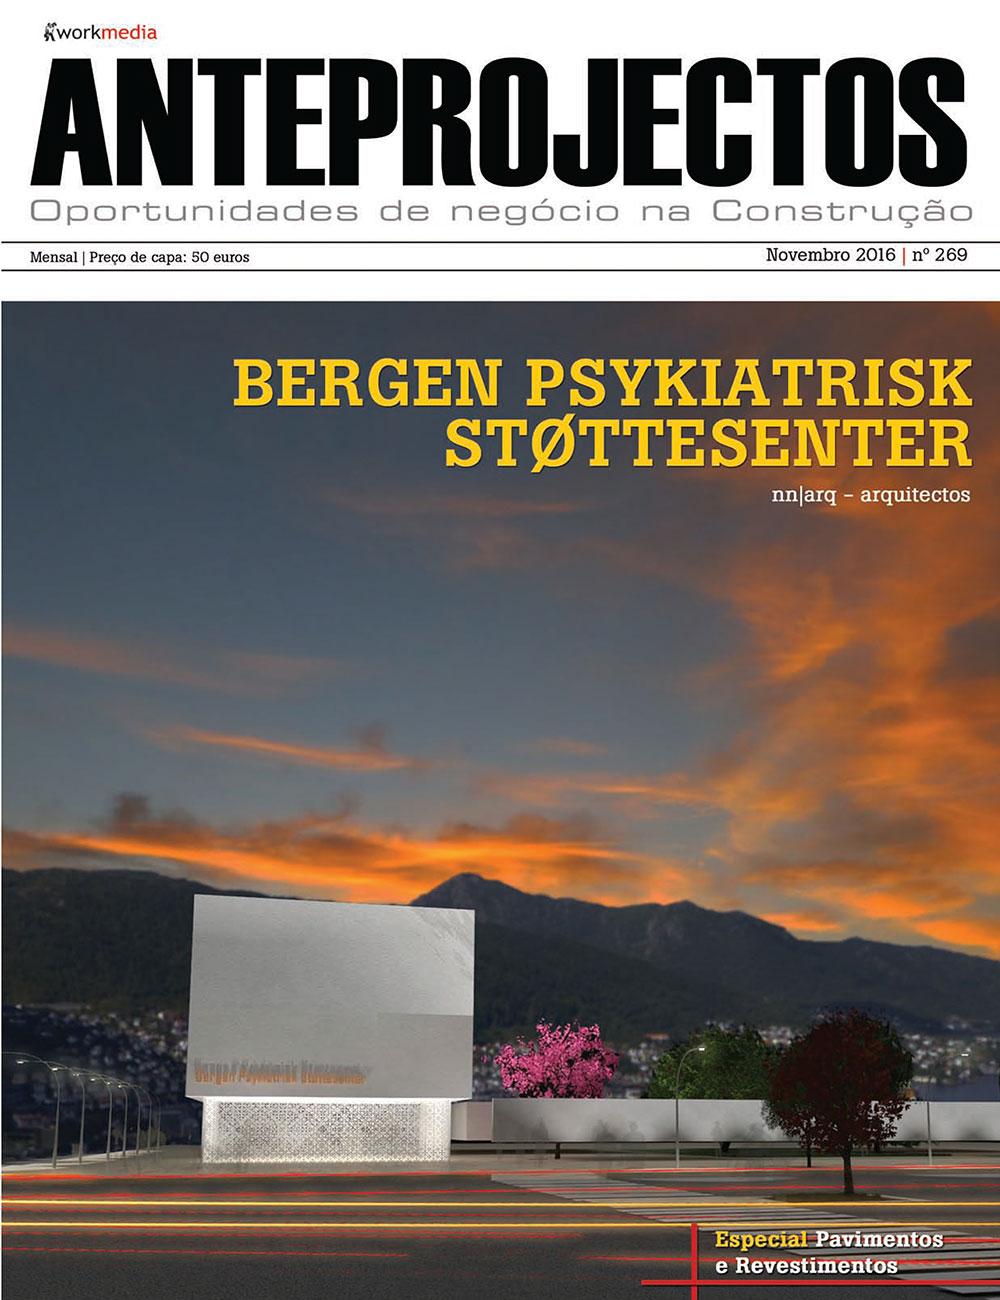 revista-anteprojectos-269-destaque